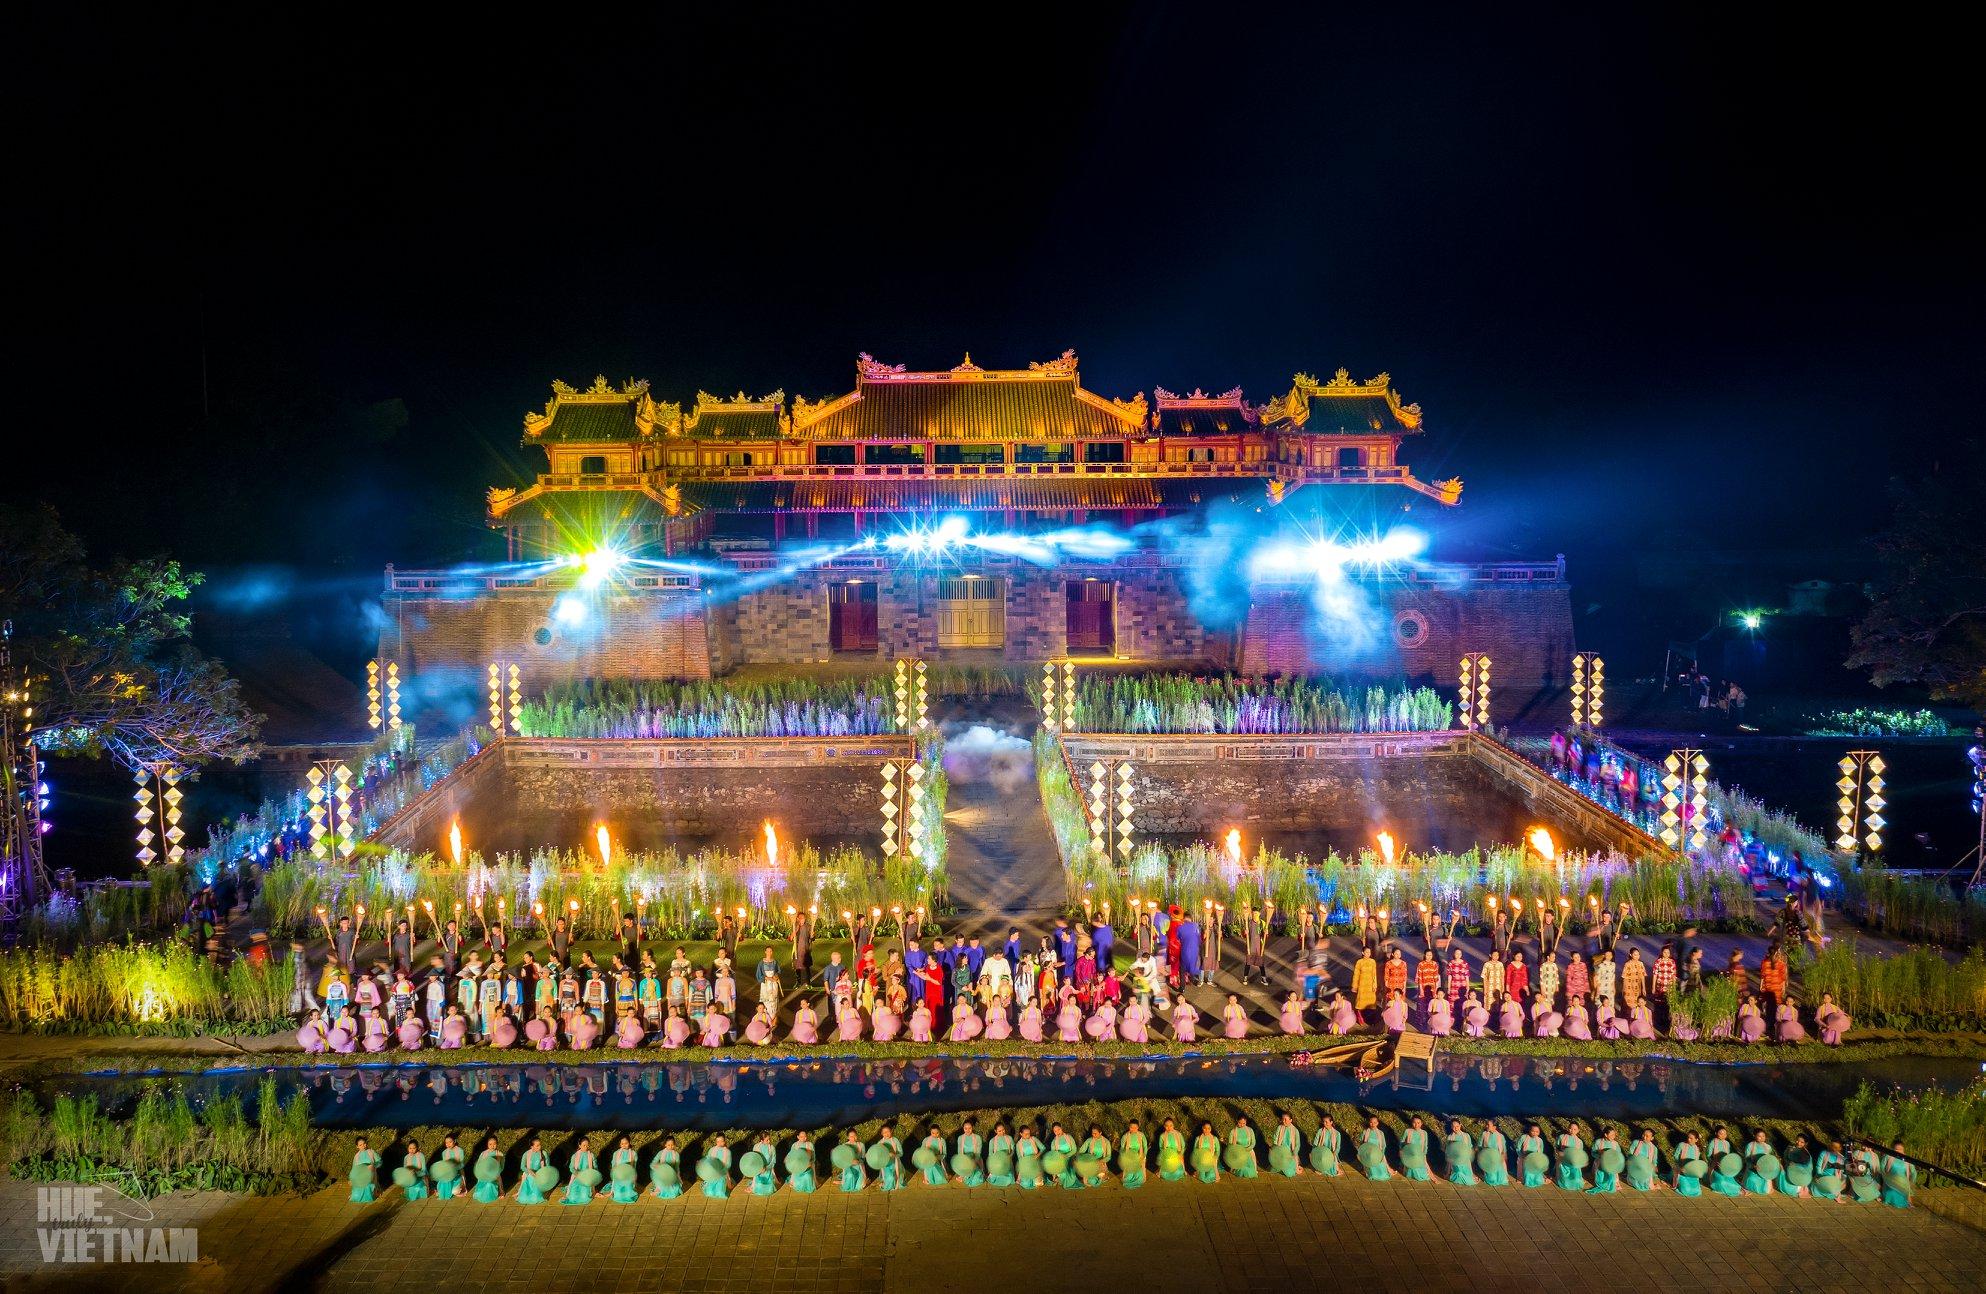 Festival Huế được tổ chức 2 năm một lần. Hình: Hue, truly Vietnam